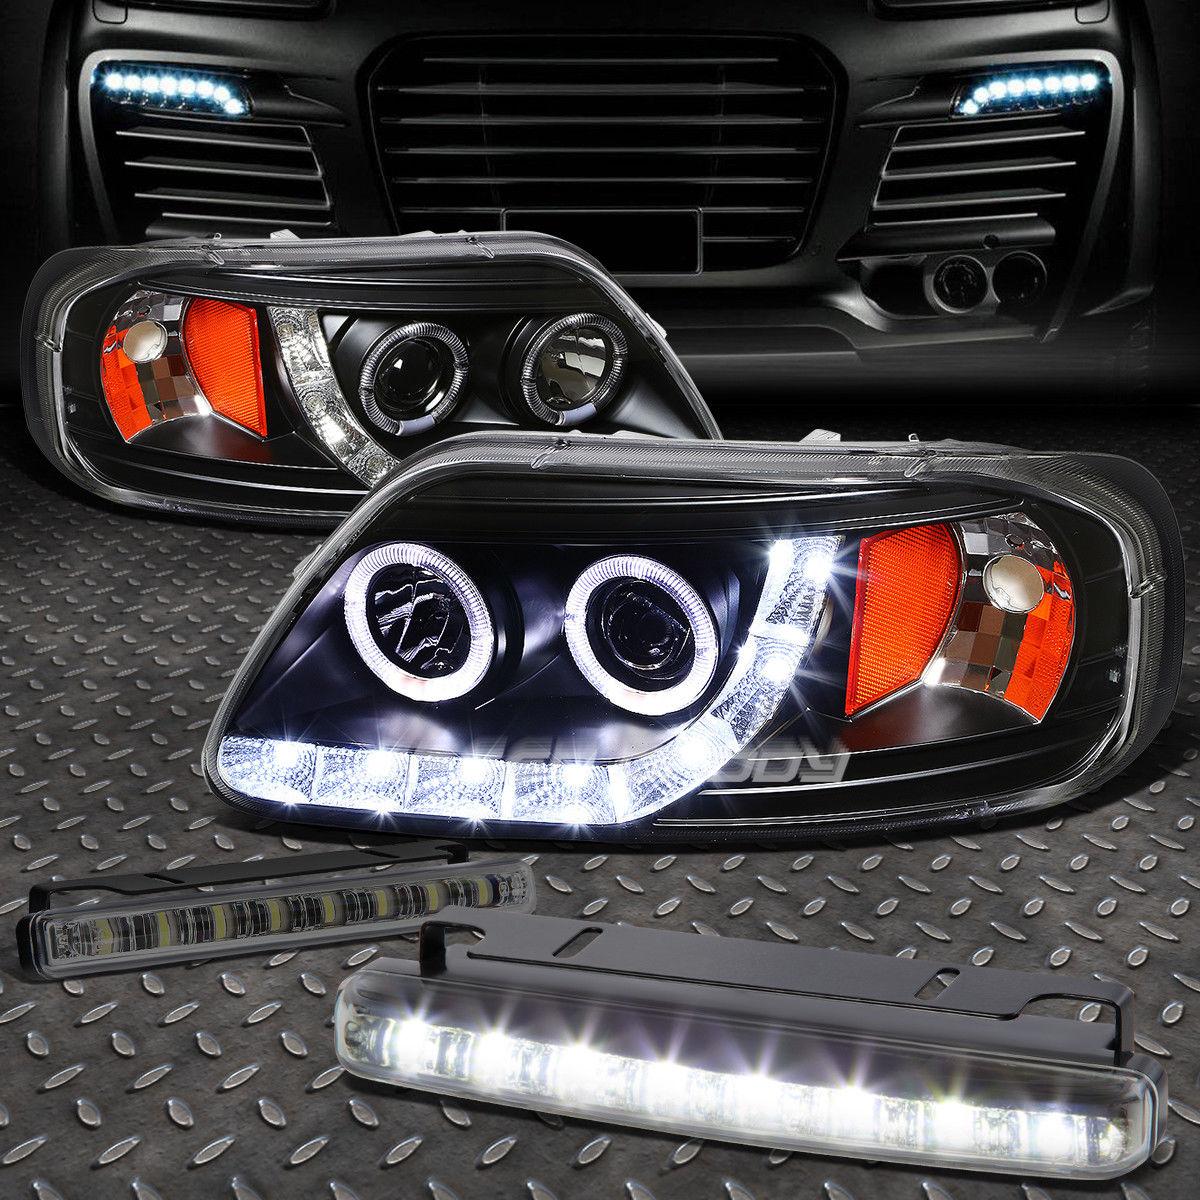 フォグライト BLACK AMBER HALO PROJECTOR 1PC HEADLIGHT+8 LED SMOKE FOG LIGHT FOR 97-03 F150 ブラックアンバーハロープロジェクター1PCヘッドライト+ 8 LED煙霧ライト97-03 F150用